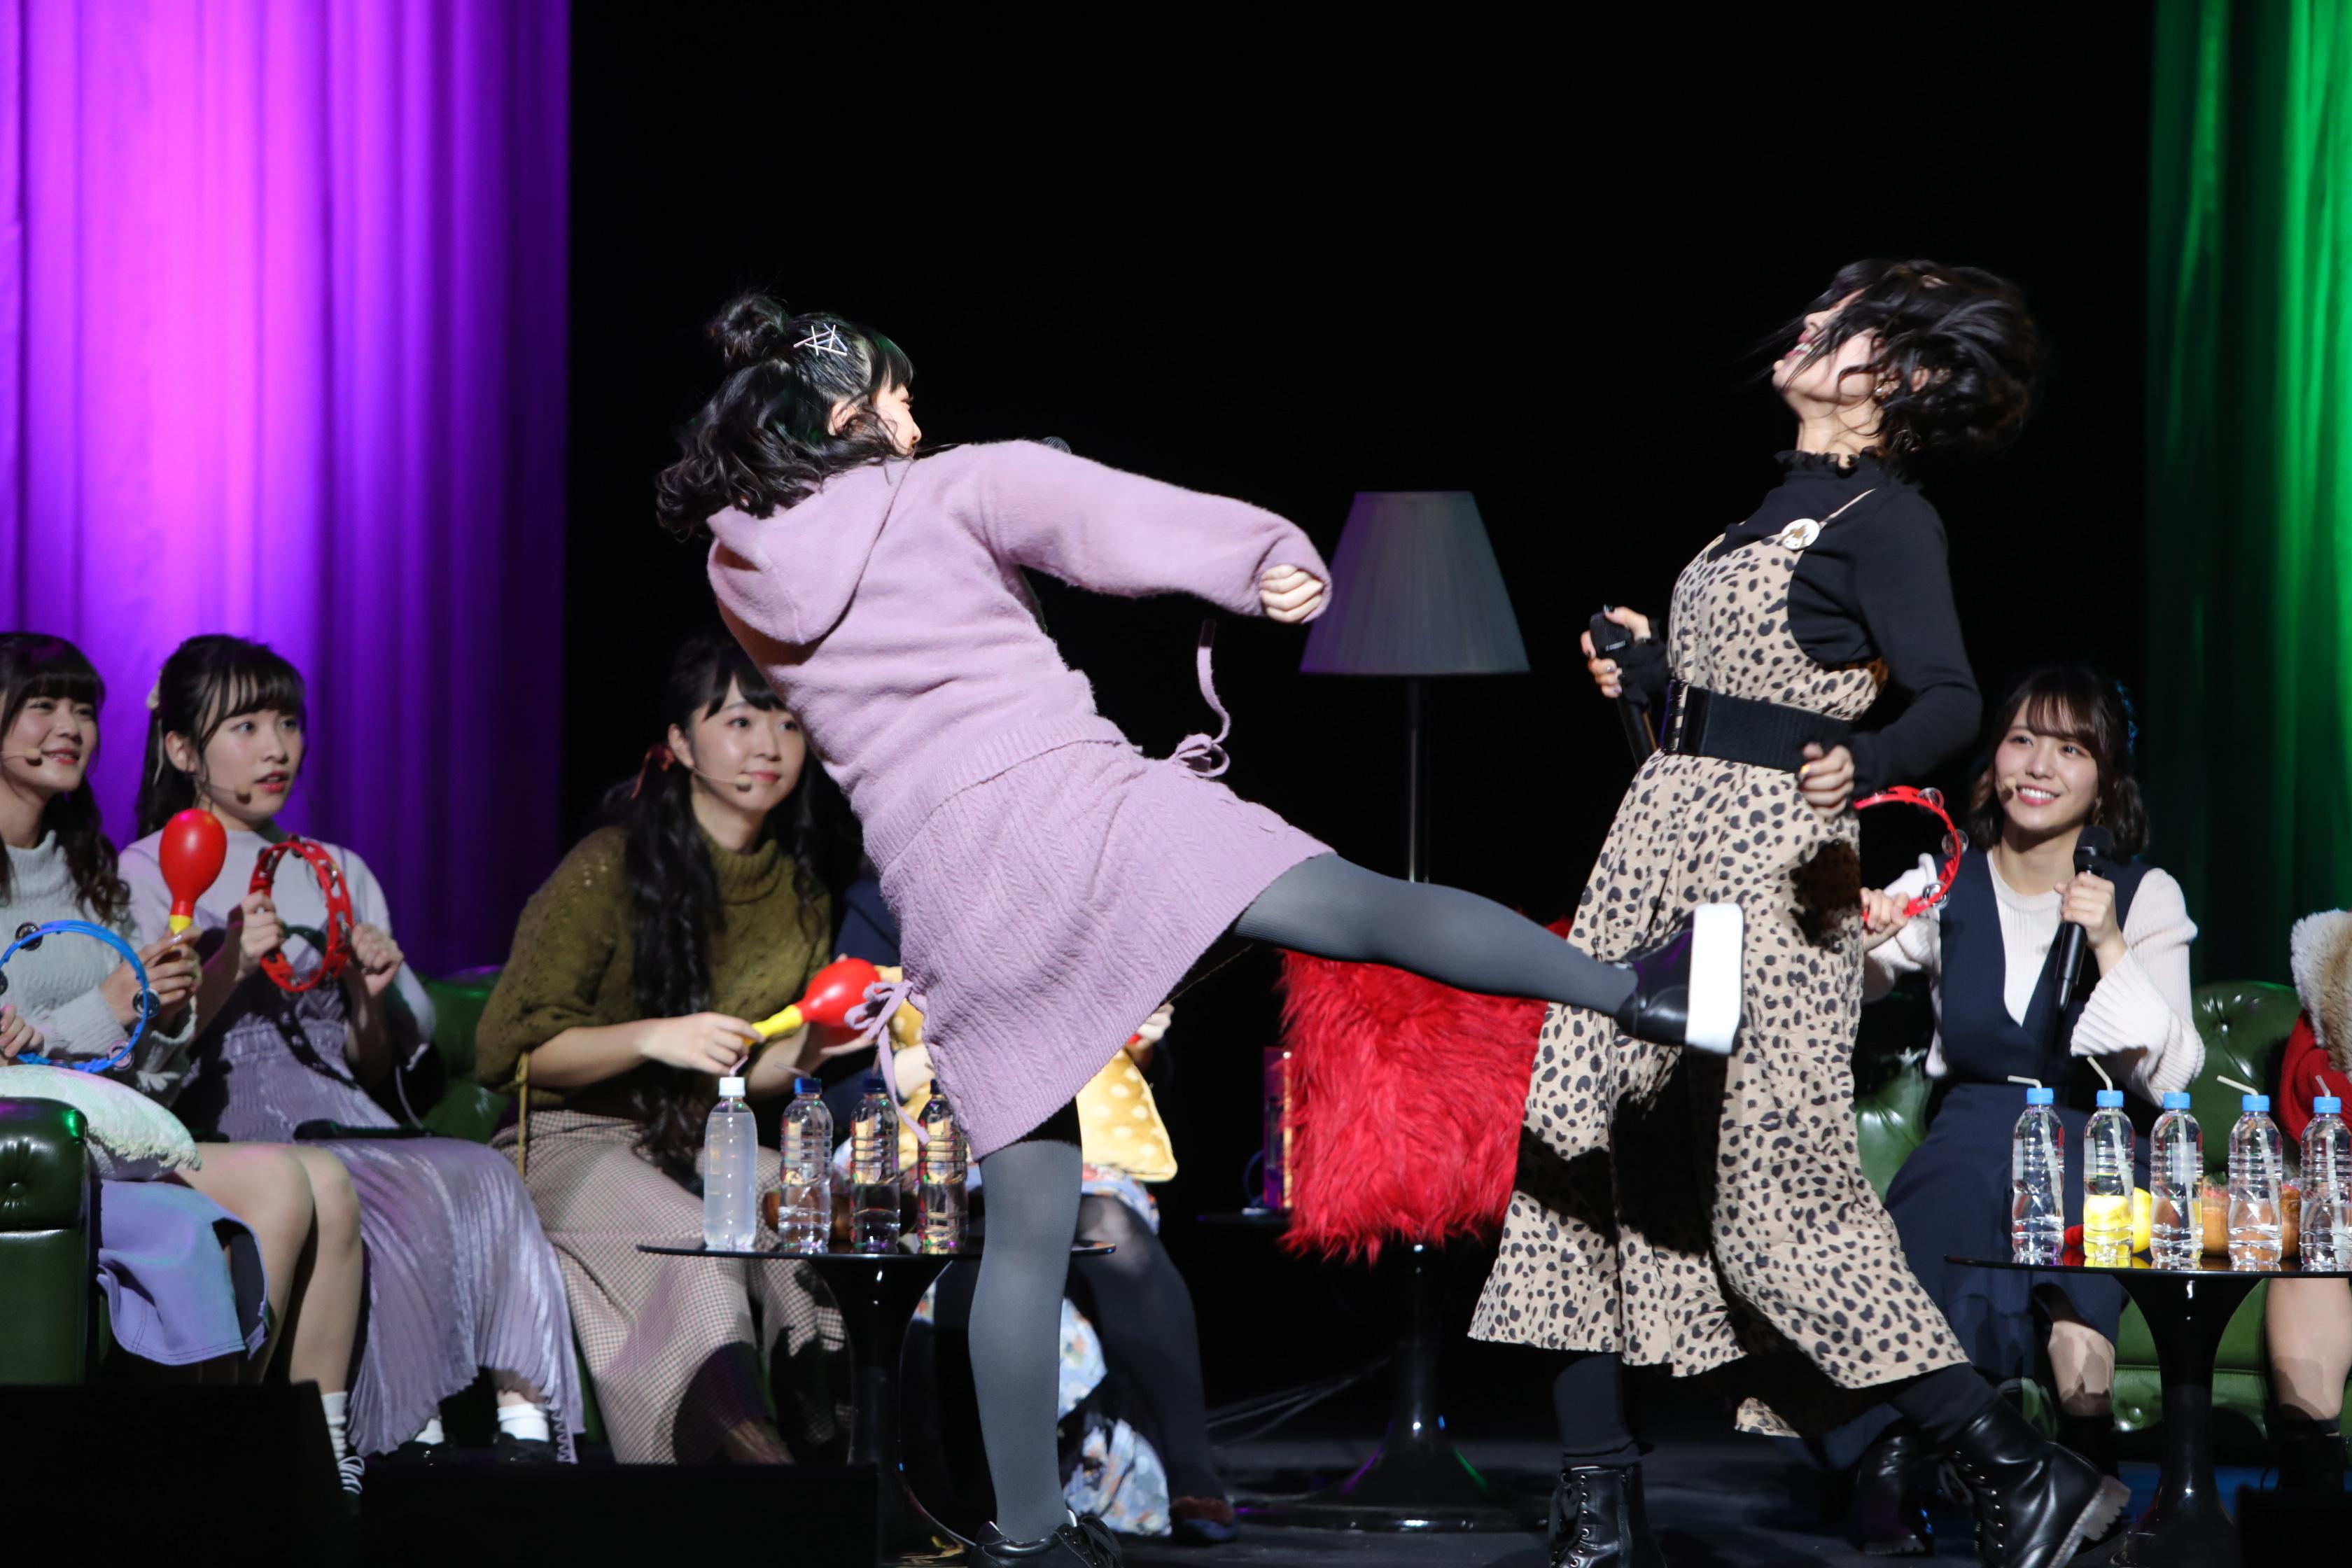 三森すずこさんが叫ぶ「We are not 芸人!」――所属する女性声優総出演の『響10周年記念 響ファン感謝祭』夜の部レポート